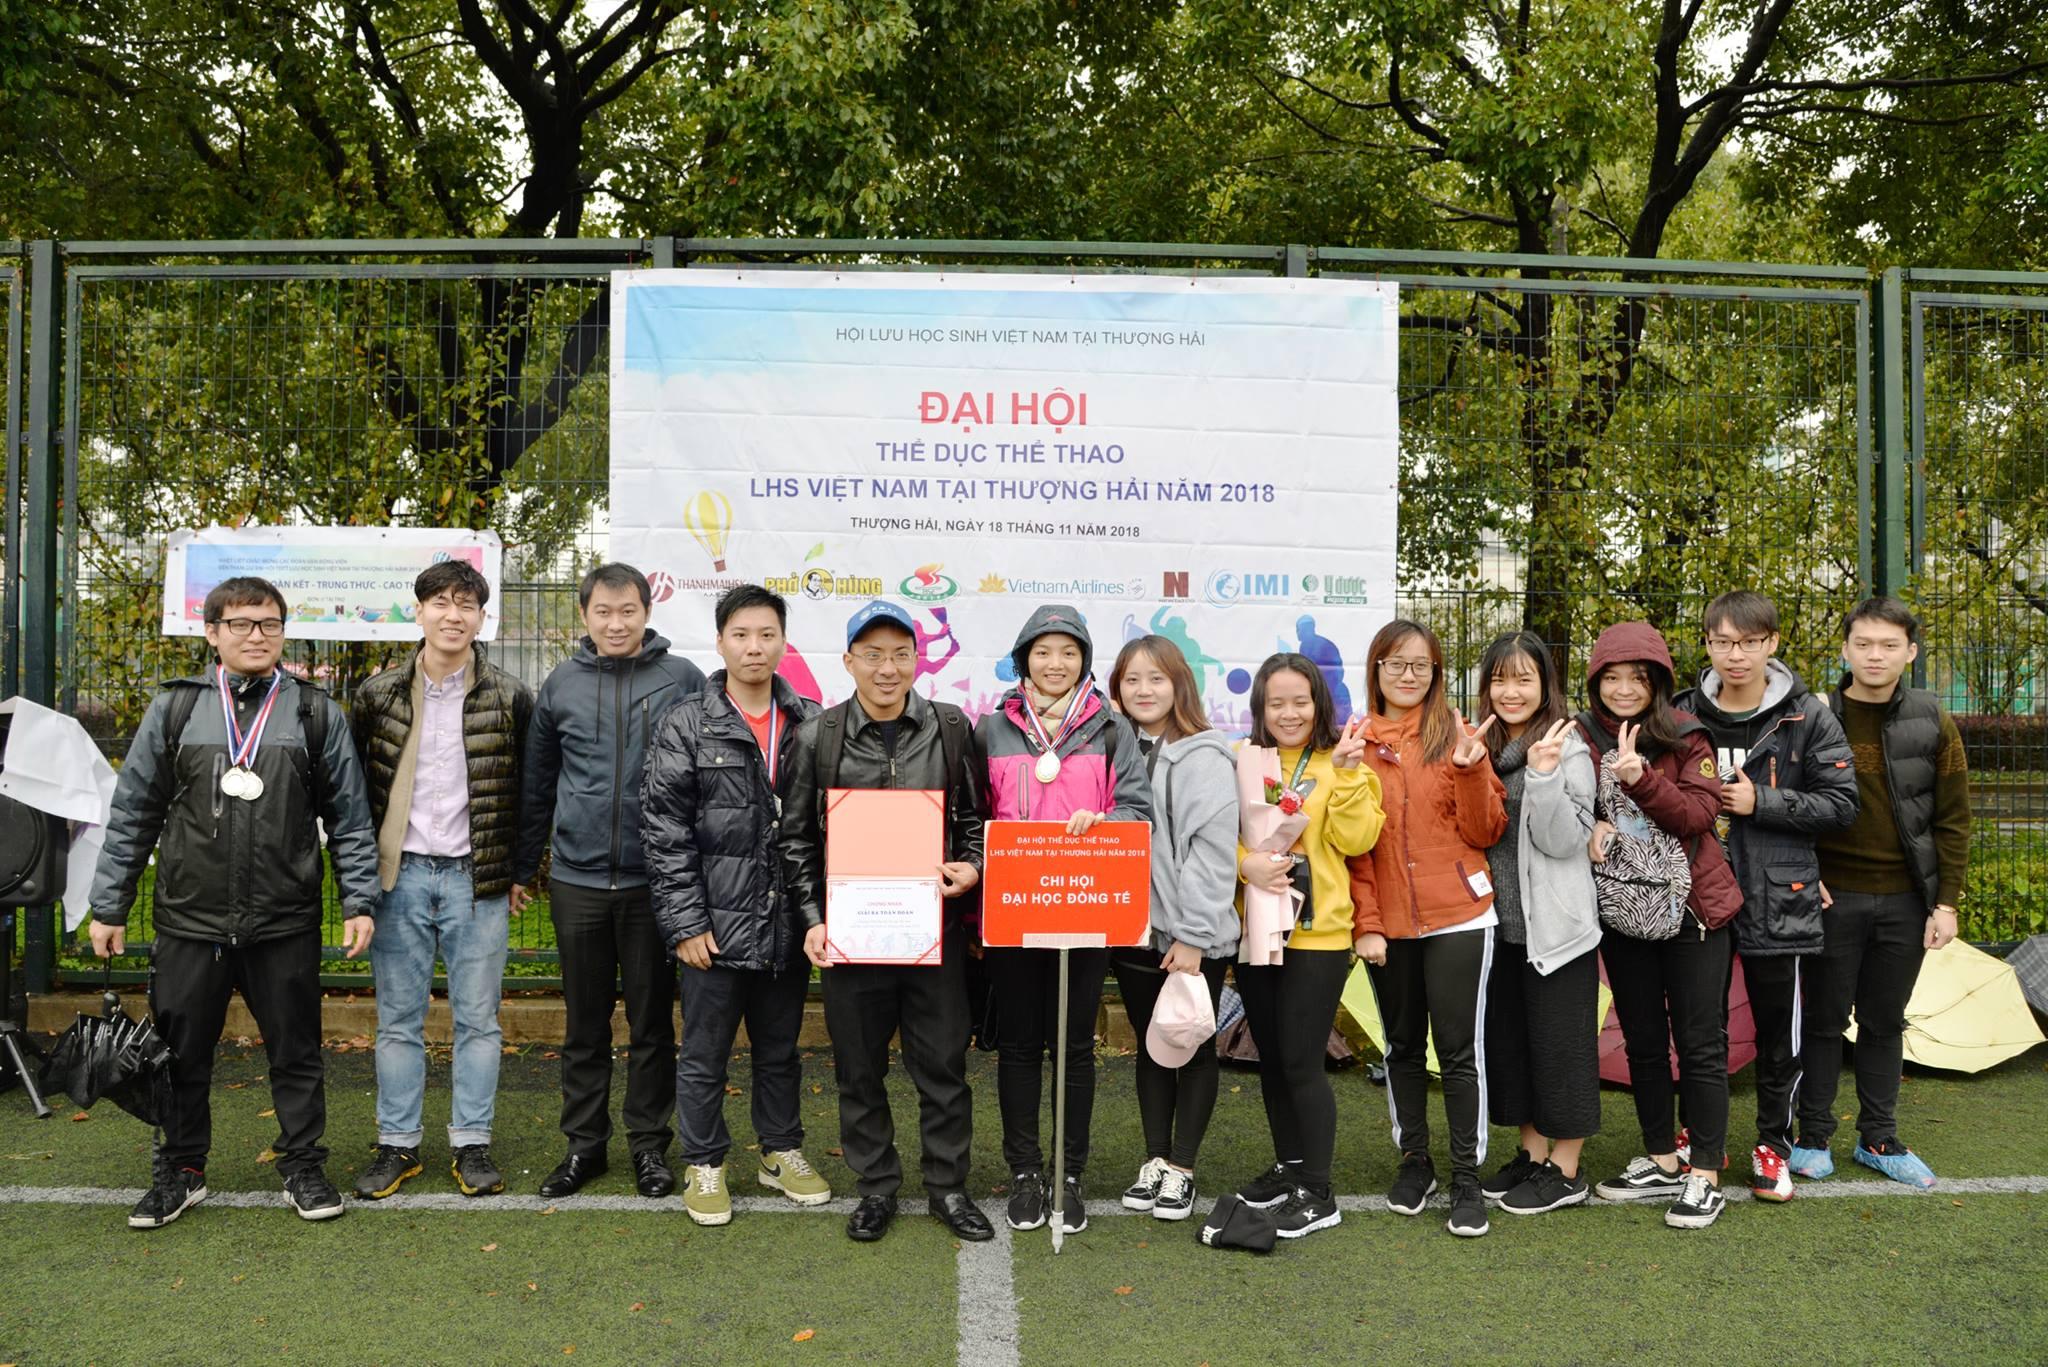 Danh sách học bổng du học Trung Quốc năm 2019 tại THANHMAIHSK